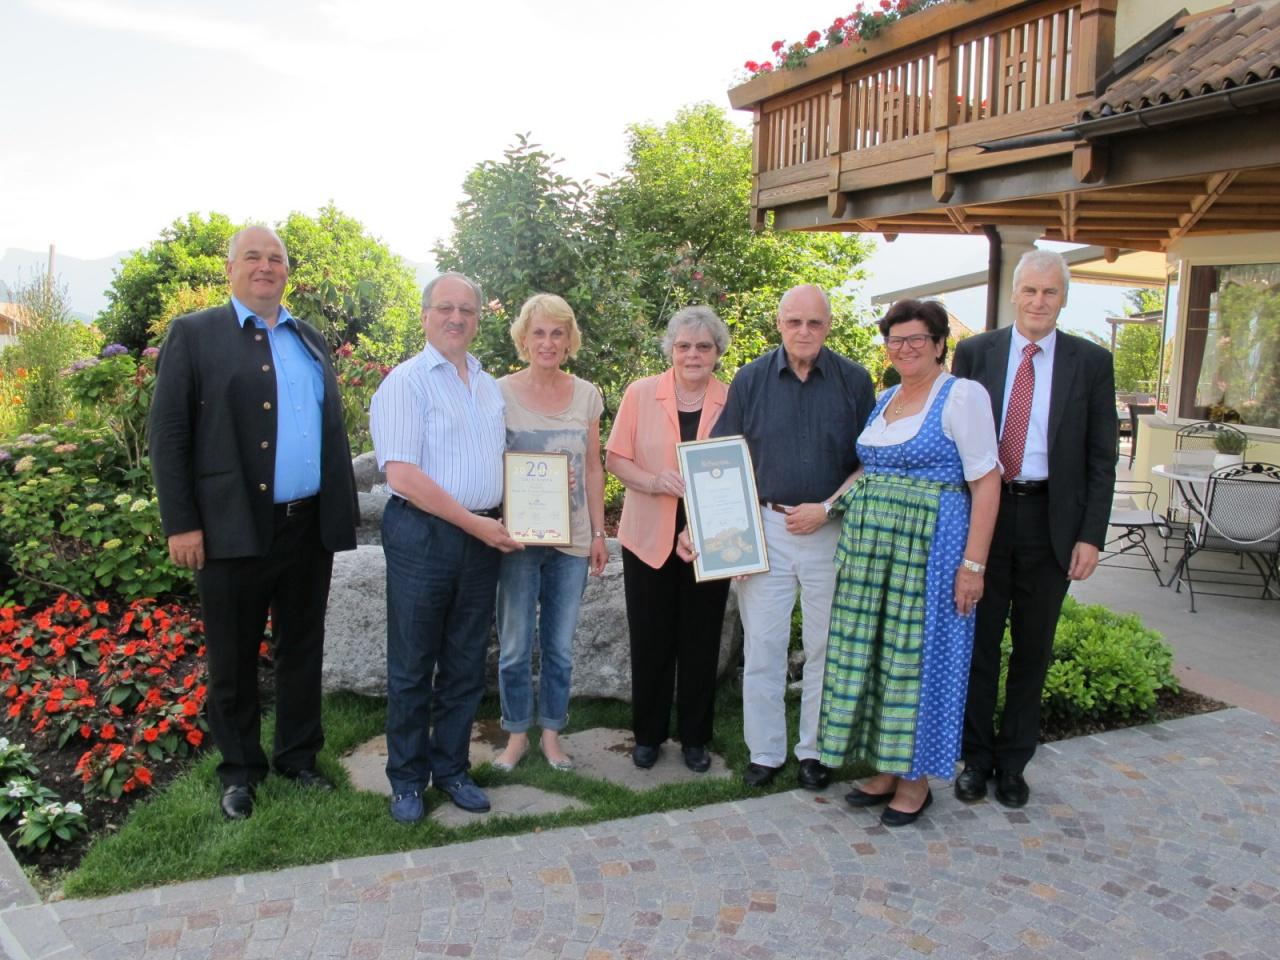 Zusammen 120 Jahre im Hotel Erzherzog Johann